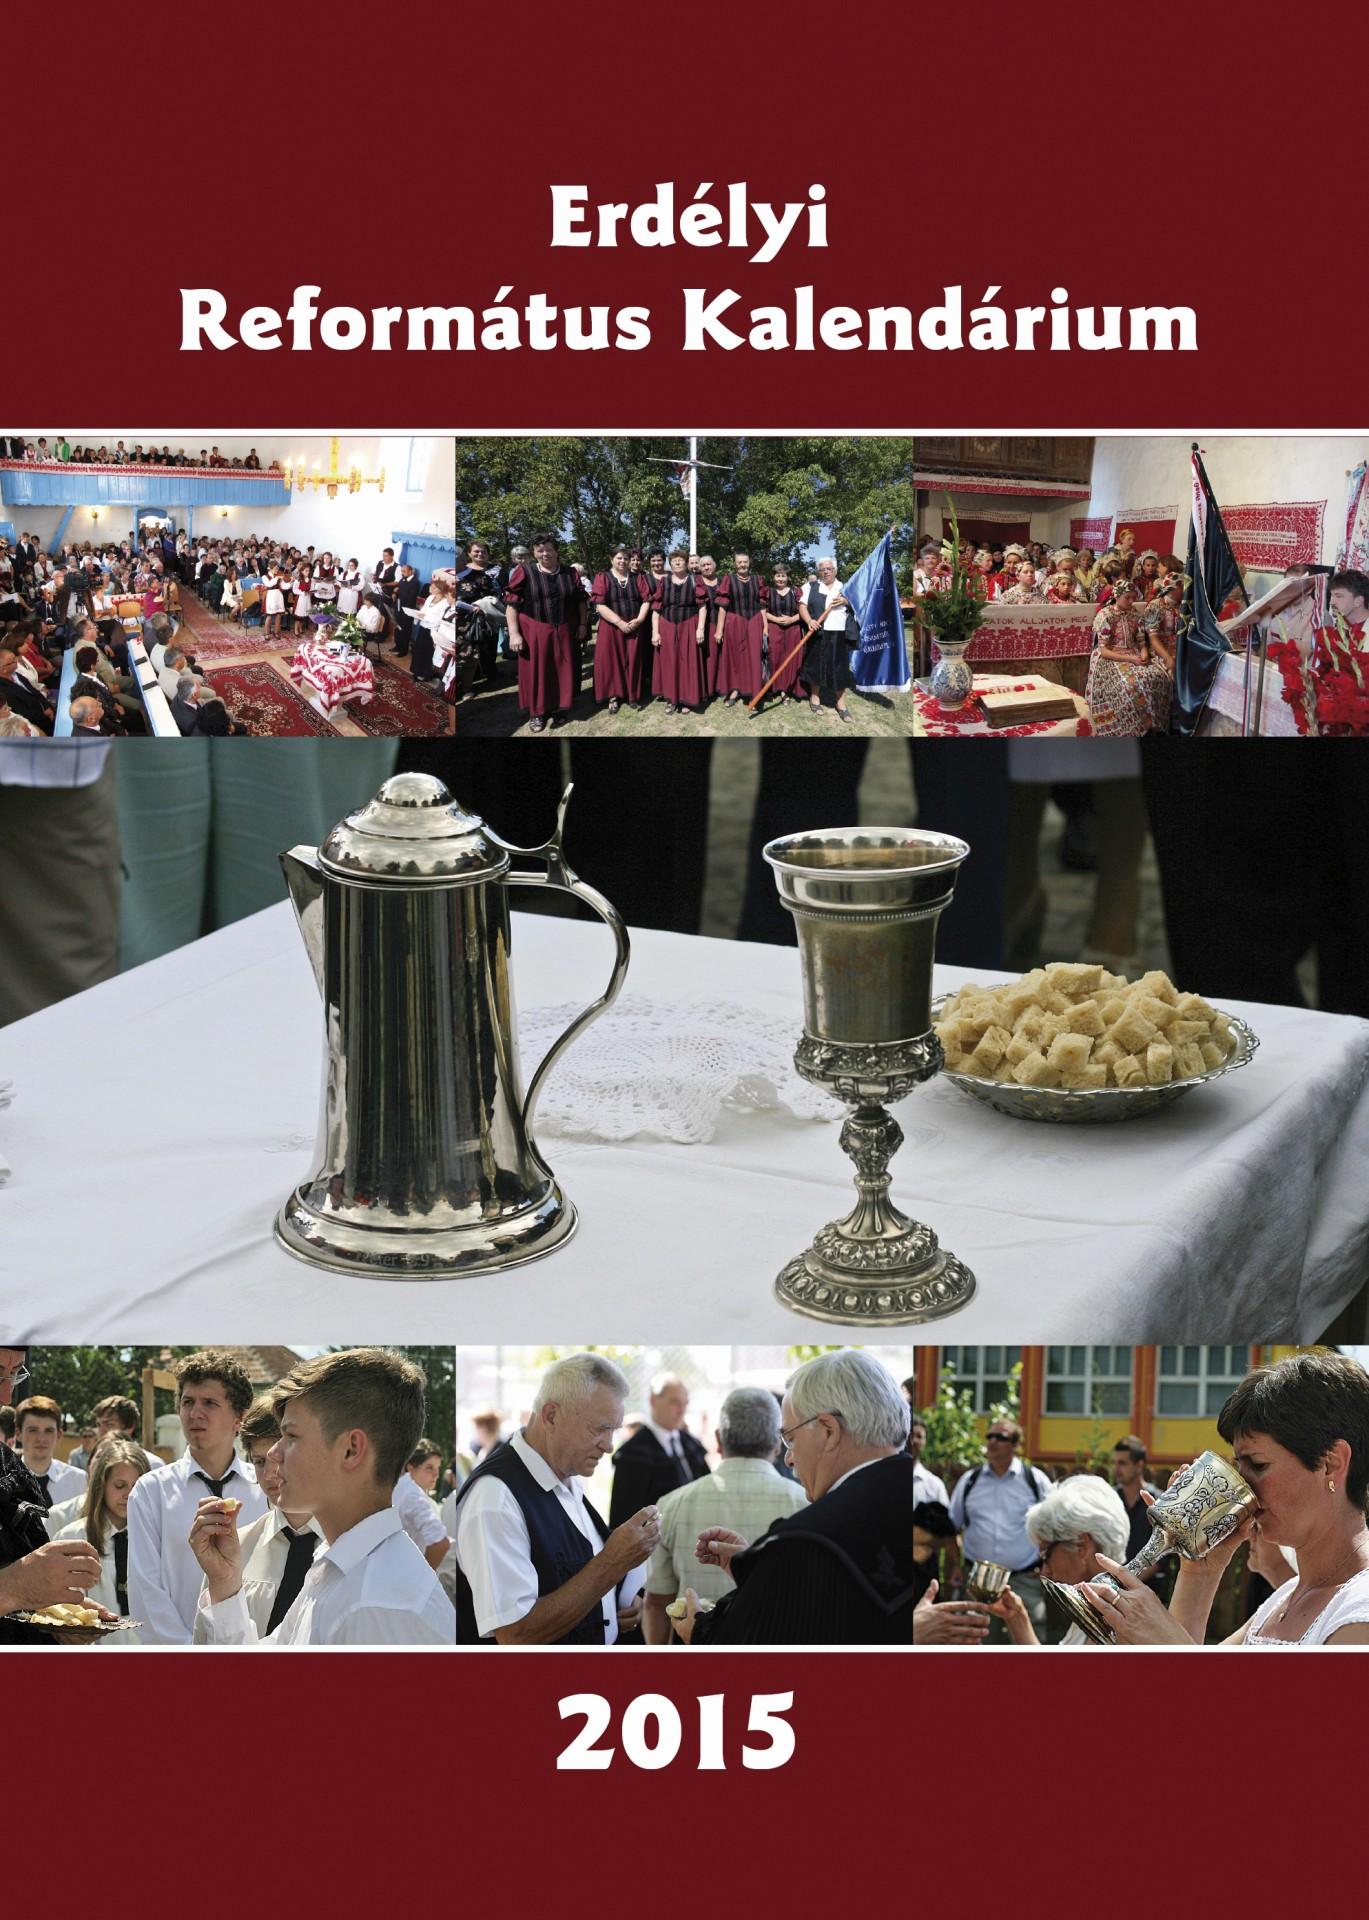 Megjelent: Erdélyi Református Kalendárium 2015